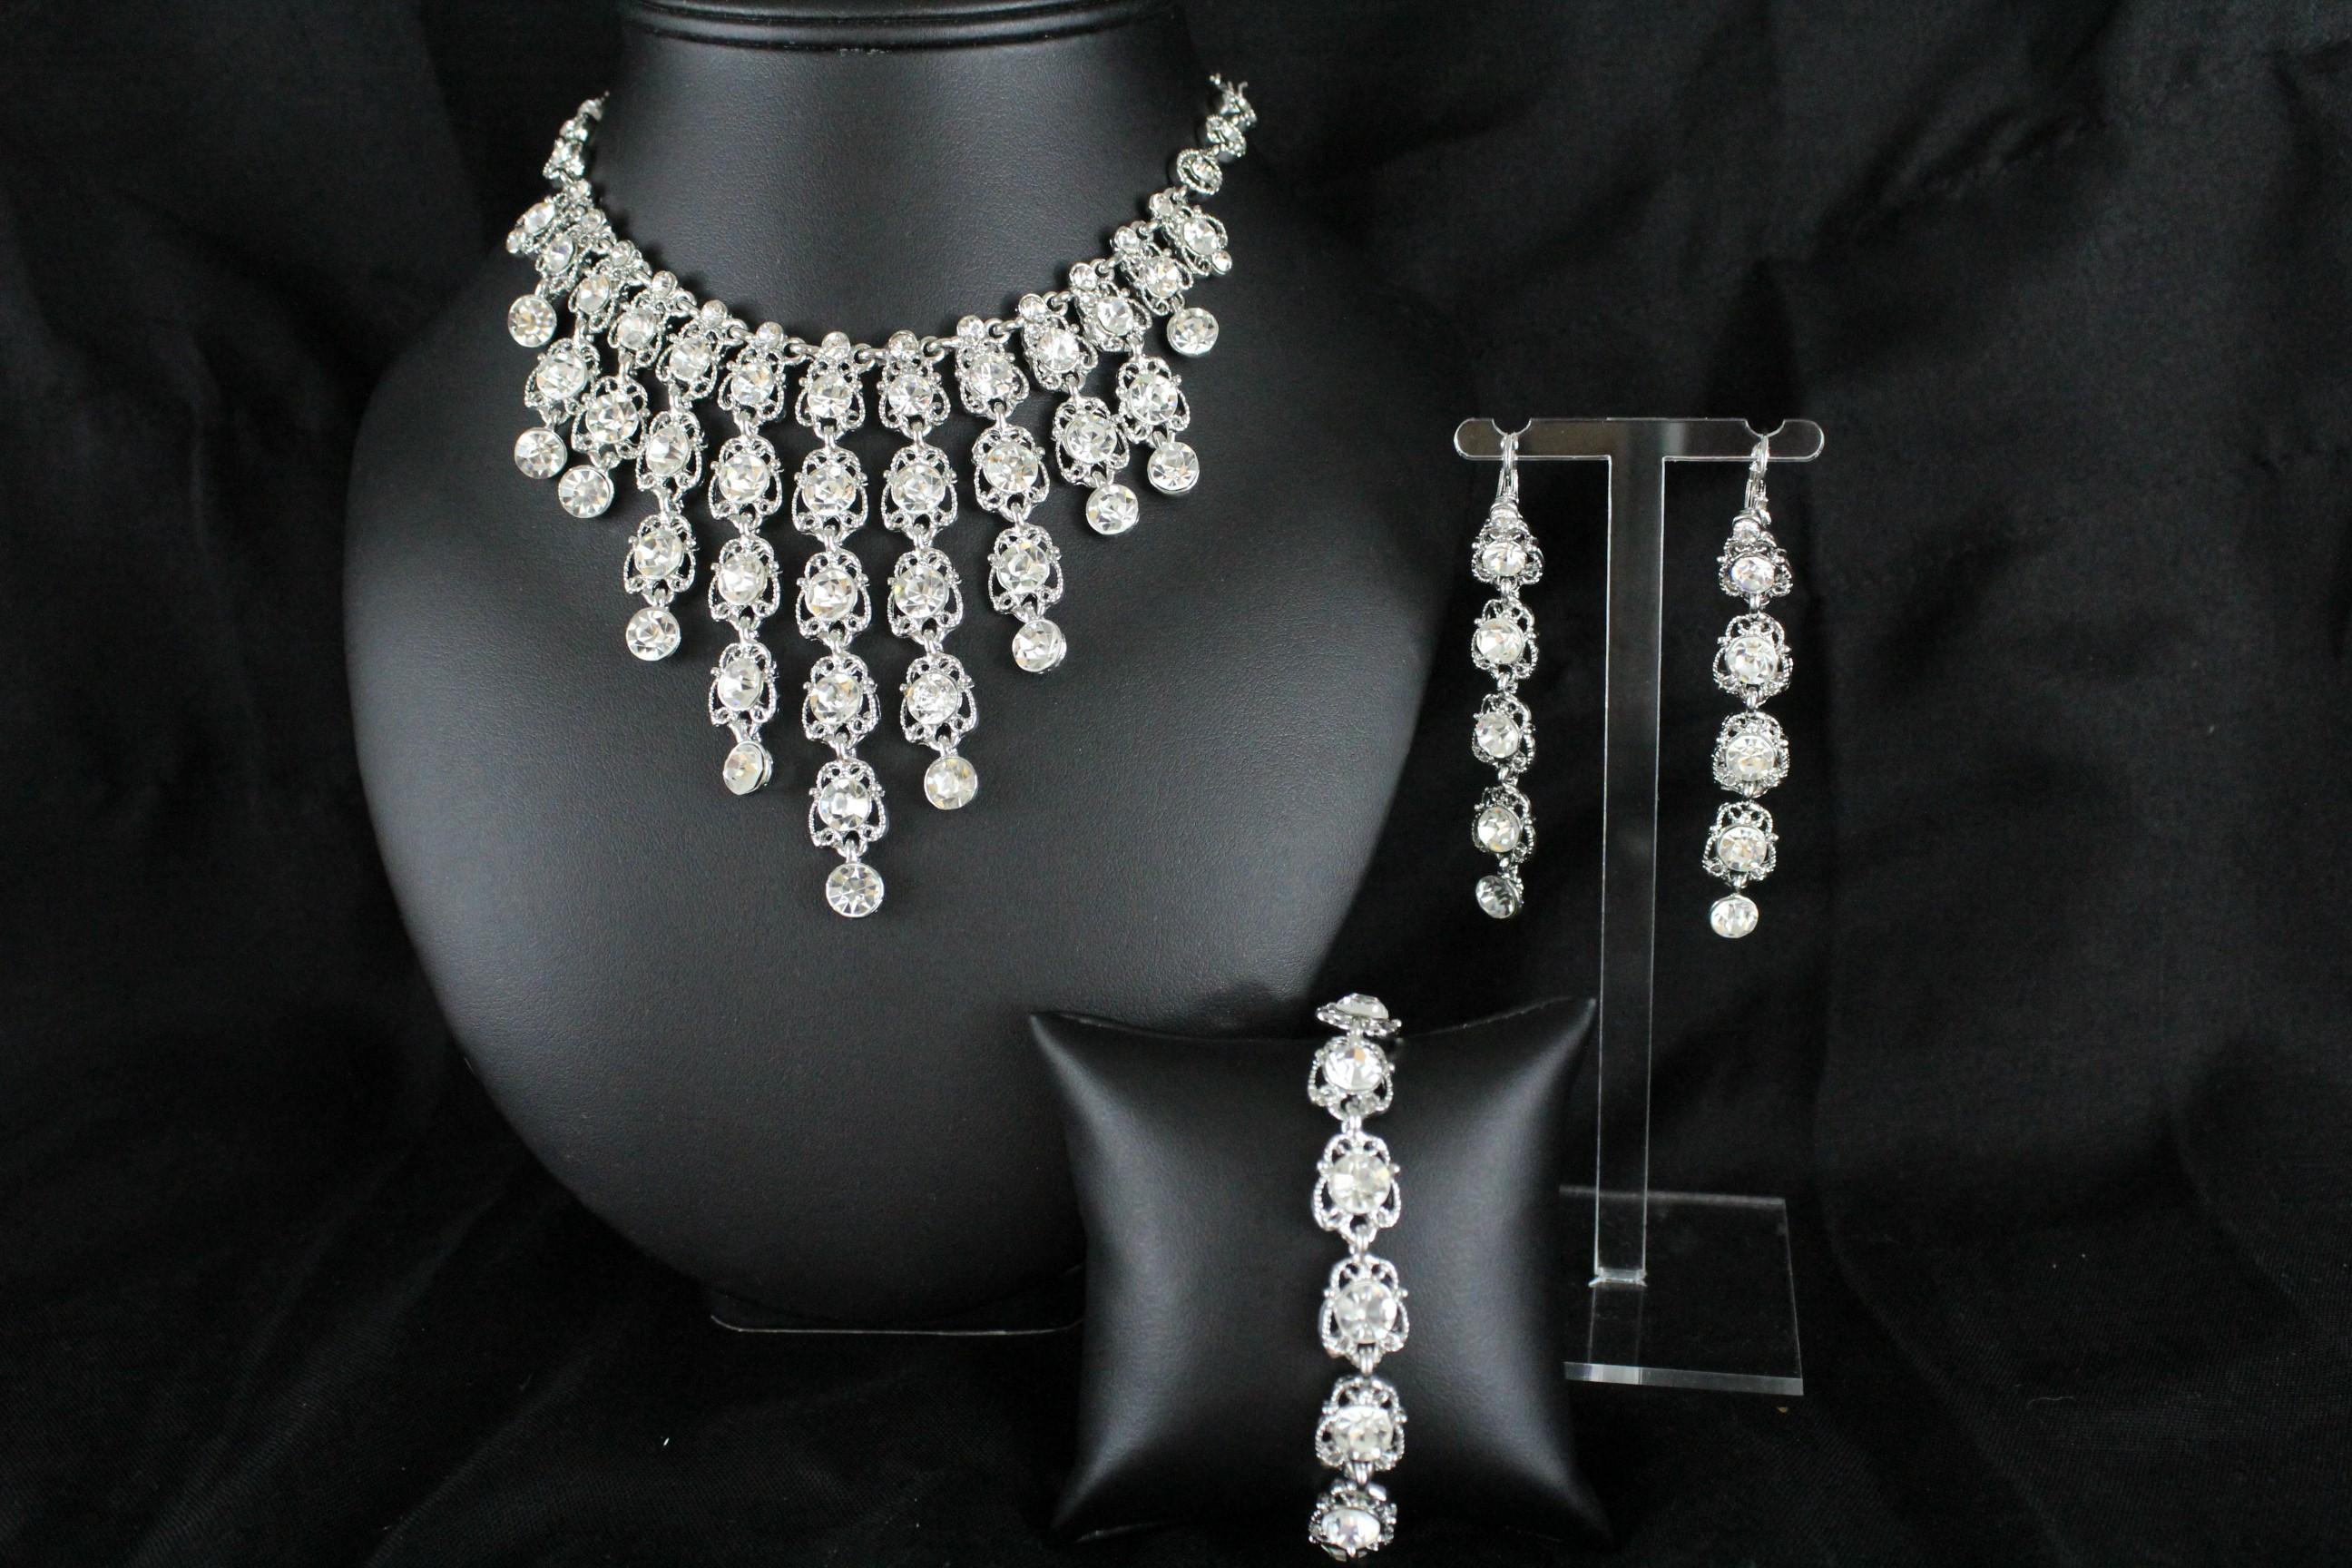 acheter parure bijoux orientaux de mariage - Parure Mariage Oriental Pas Cher